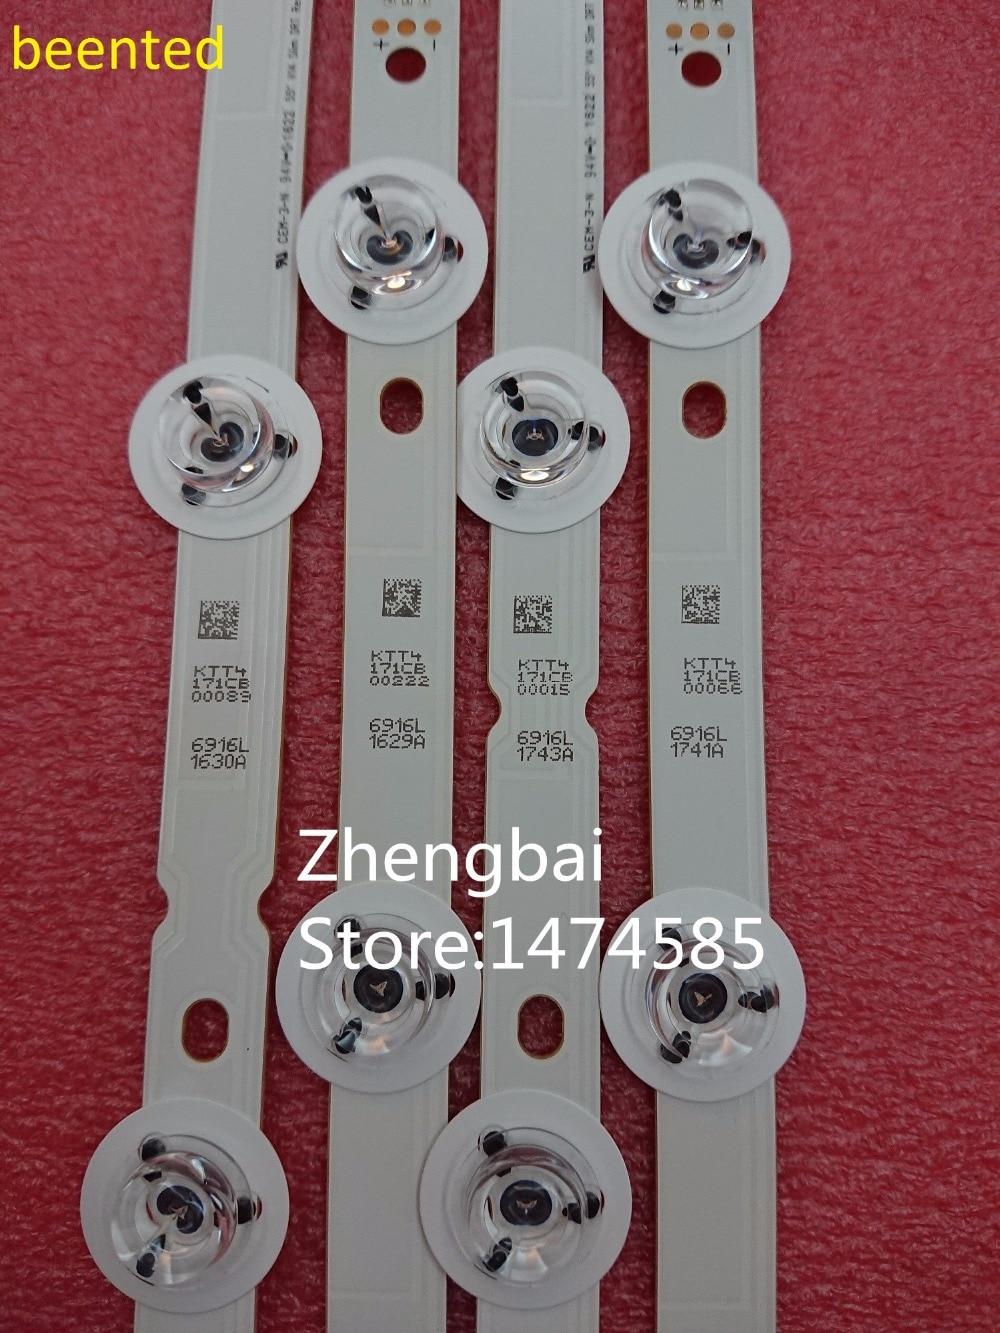 New 12pcs LED Backlight Strip For LG 55LB7200 55LB7000V 55LB676V LC550DUH-PGF1 6916L 1629A 1630A 1741A 1743A 55LB677V 55LB679V